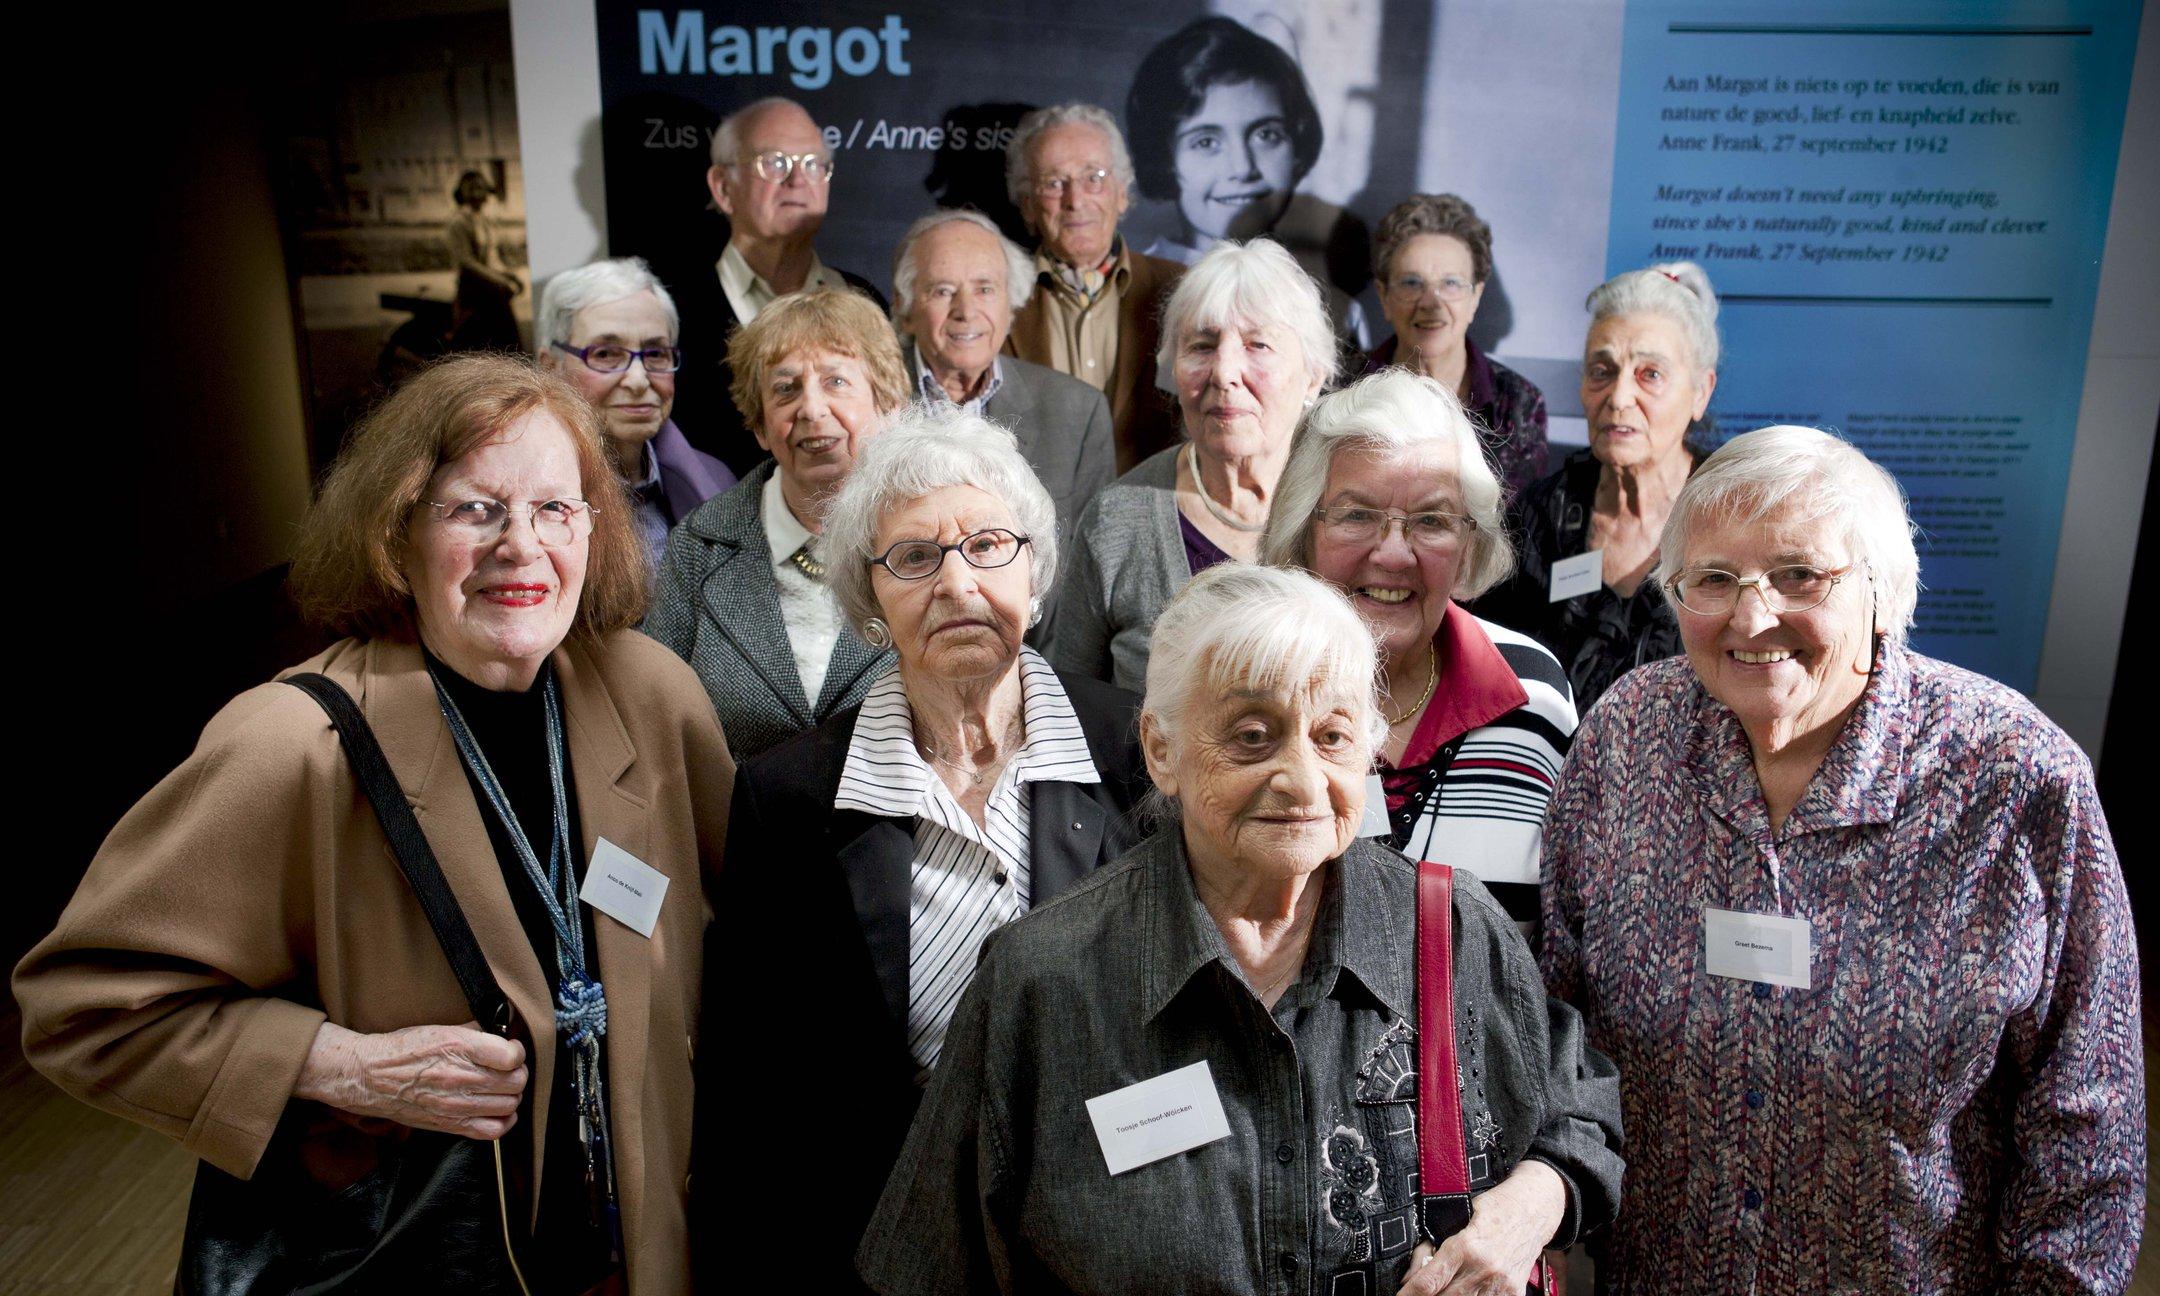 Vrienden en klasgenoten bij de opening van de tentoonstelling over Margot Frank op 15 maart 2011